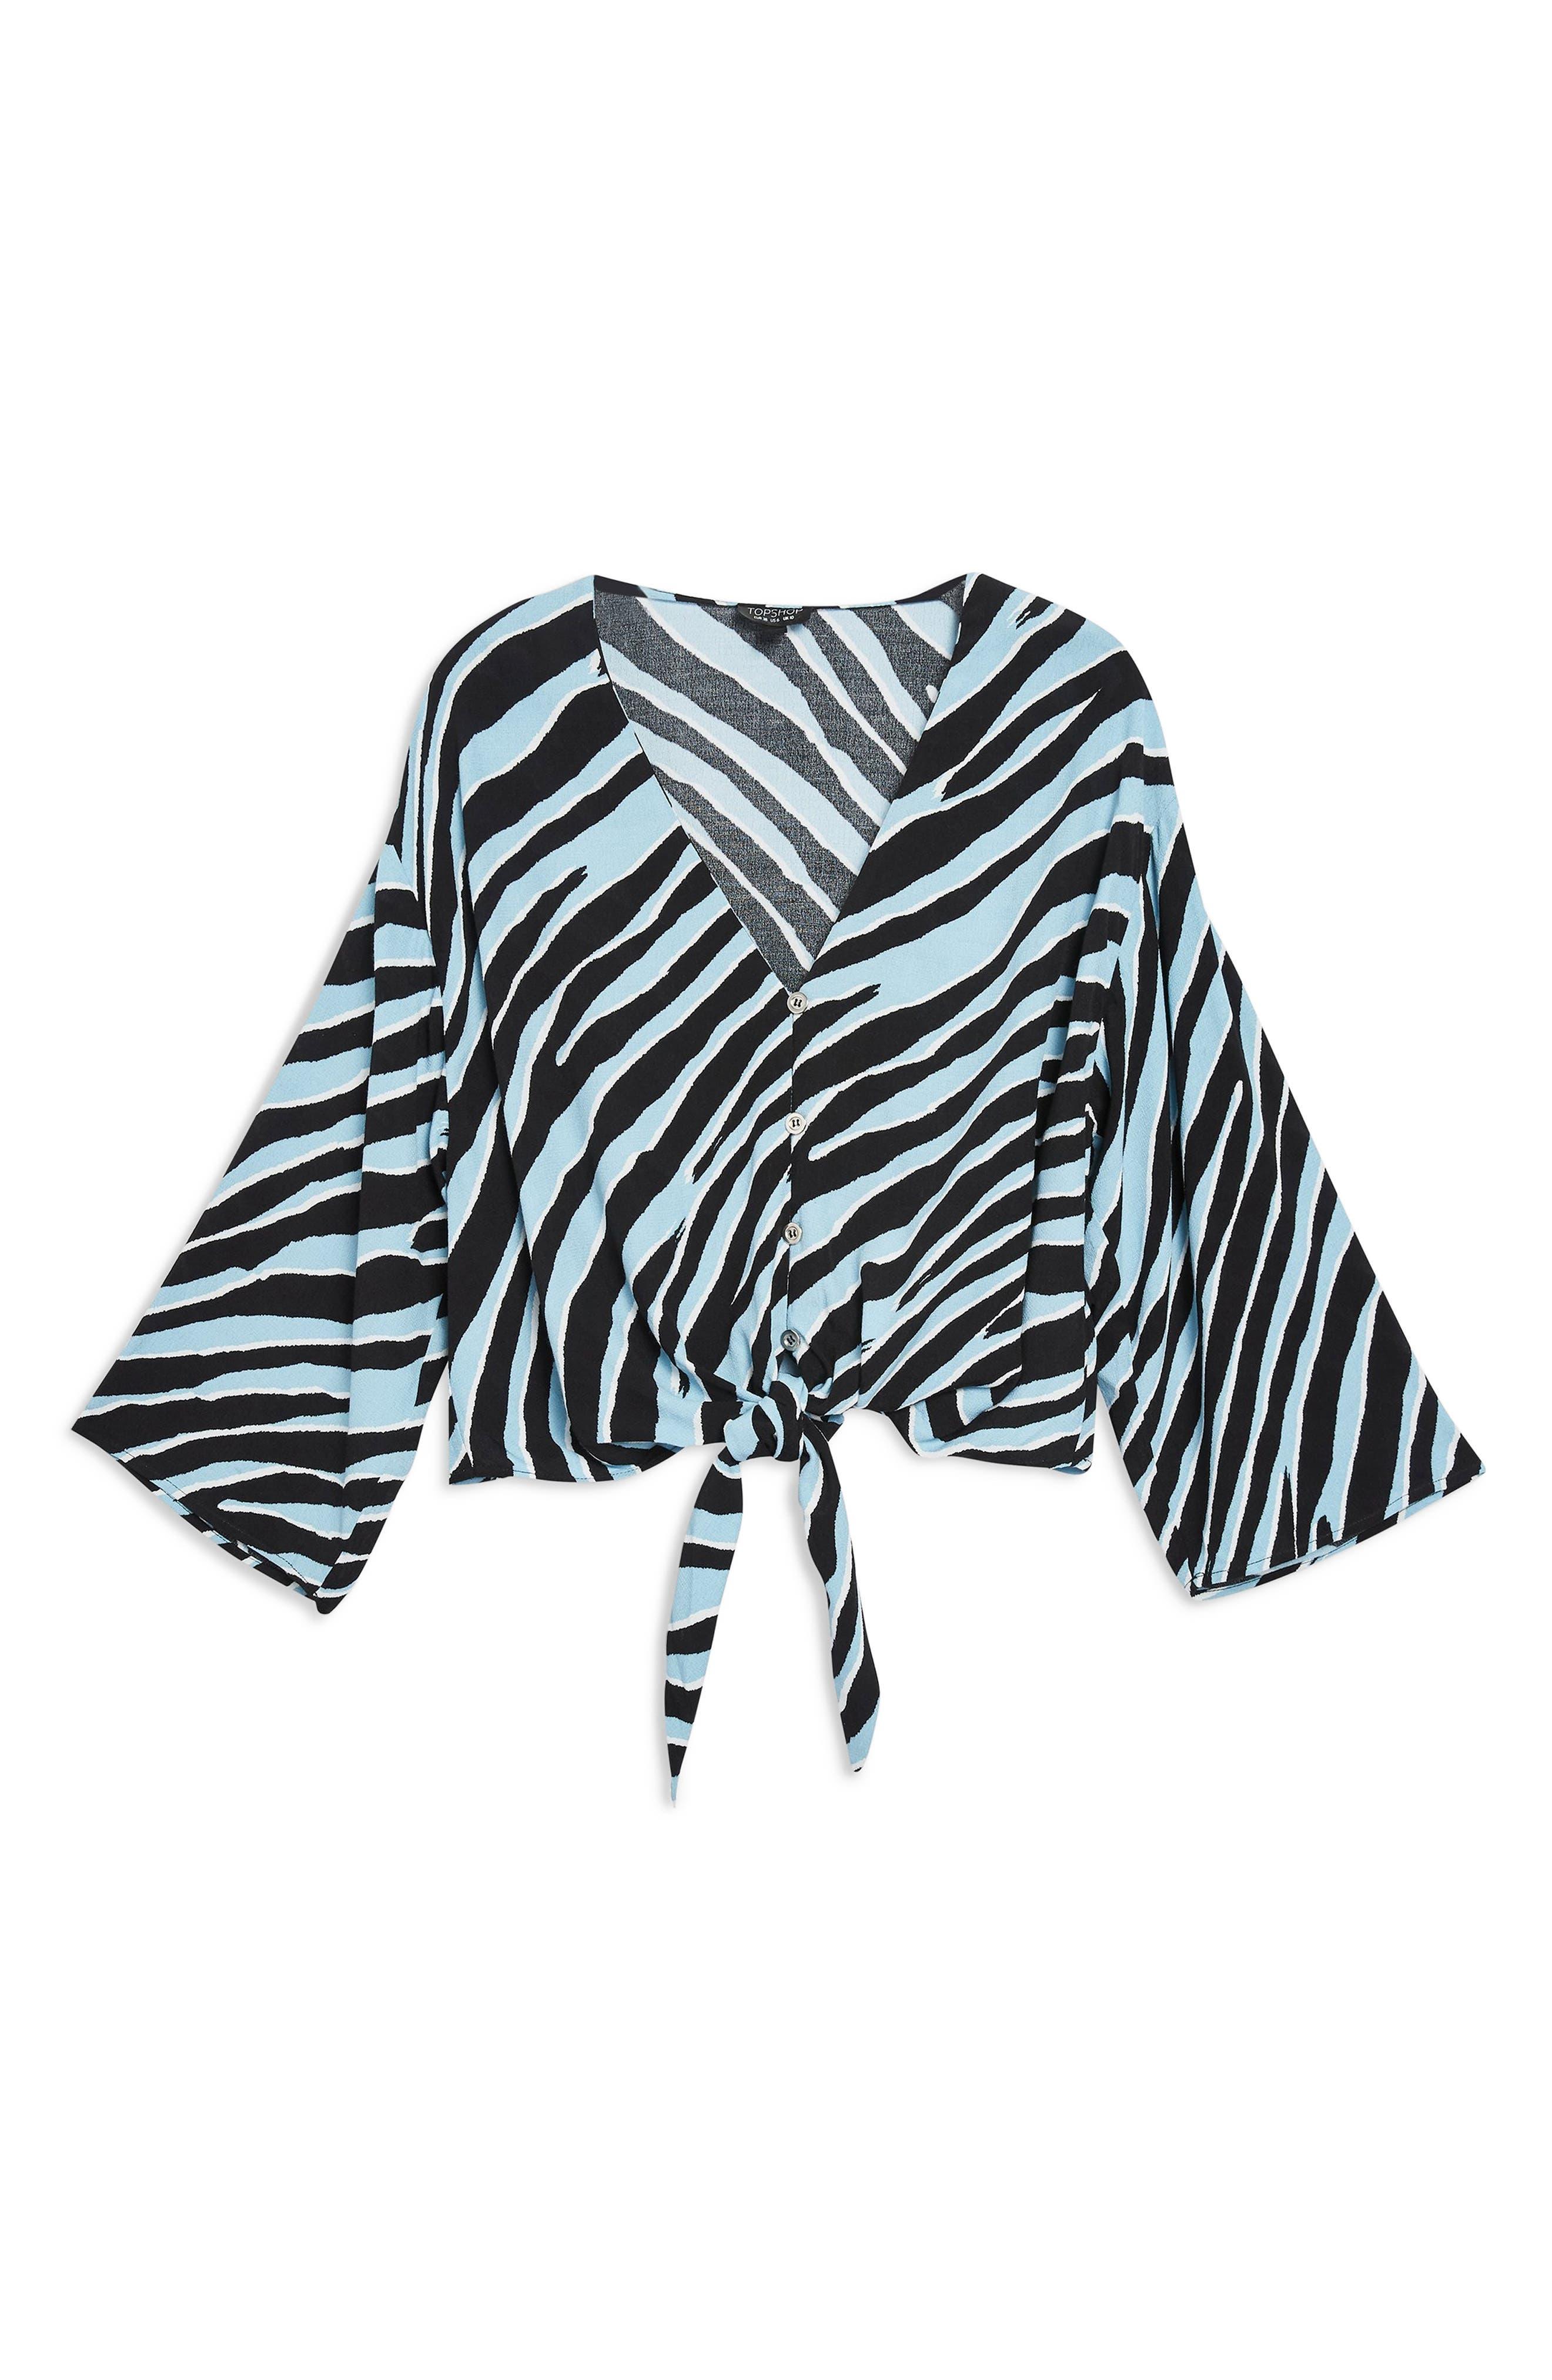 TOPSHOP, Zebra Tie Front Top, Alternate thumbnail 4, color, 400